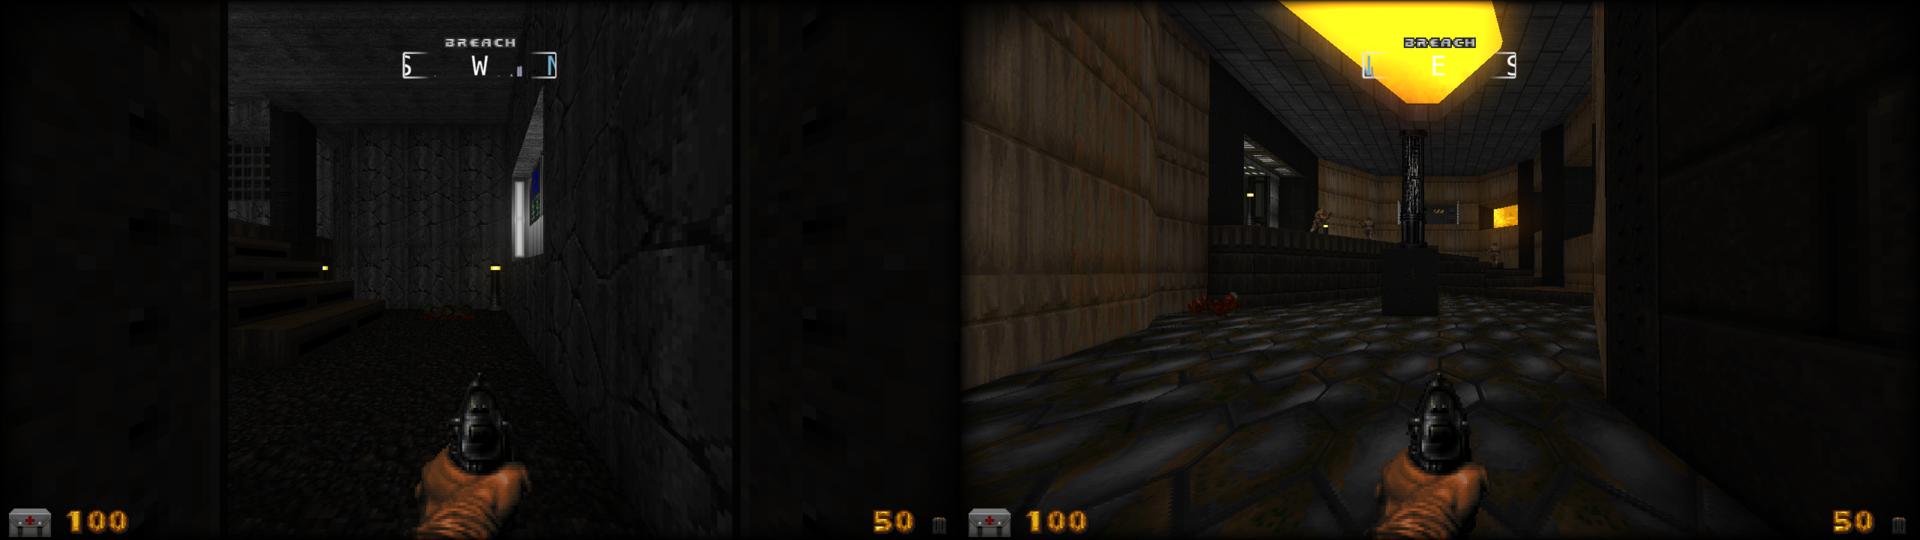 Screenshot_Doom_20200915_233022.png